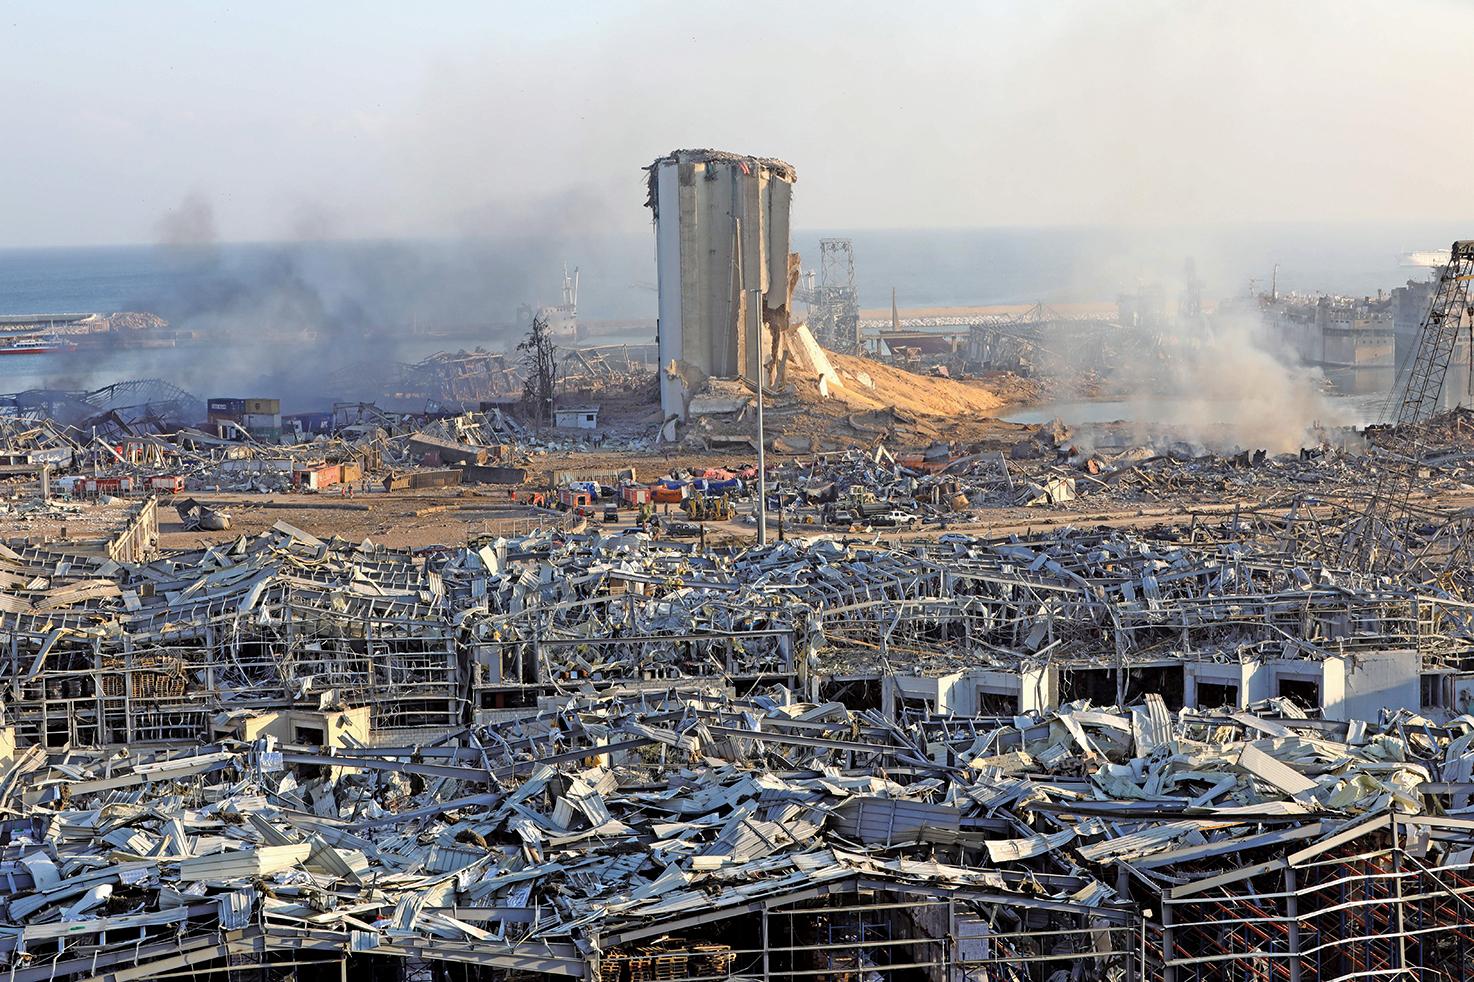 黎巴嫩貝魯特港區大爆炸後,整個港口被大火吞噬,許多建築物倒塌,現場有如核子浩劫後的殘破景象。(Getty Images)